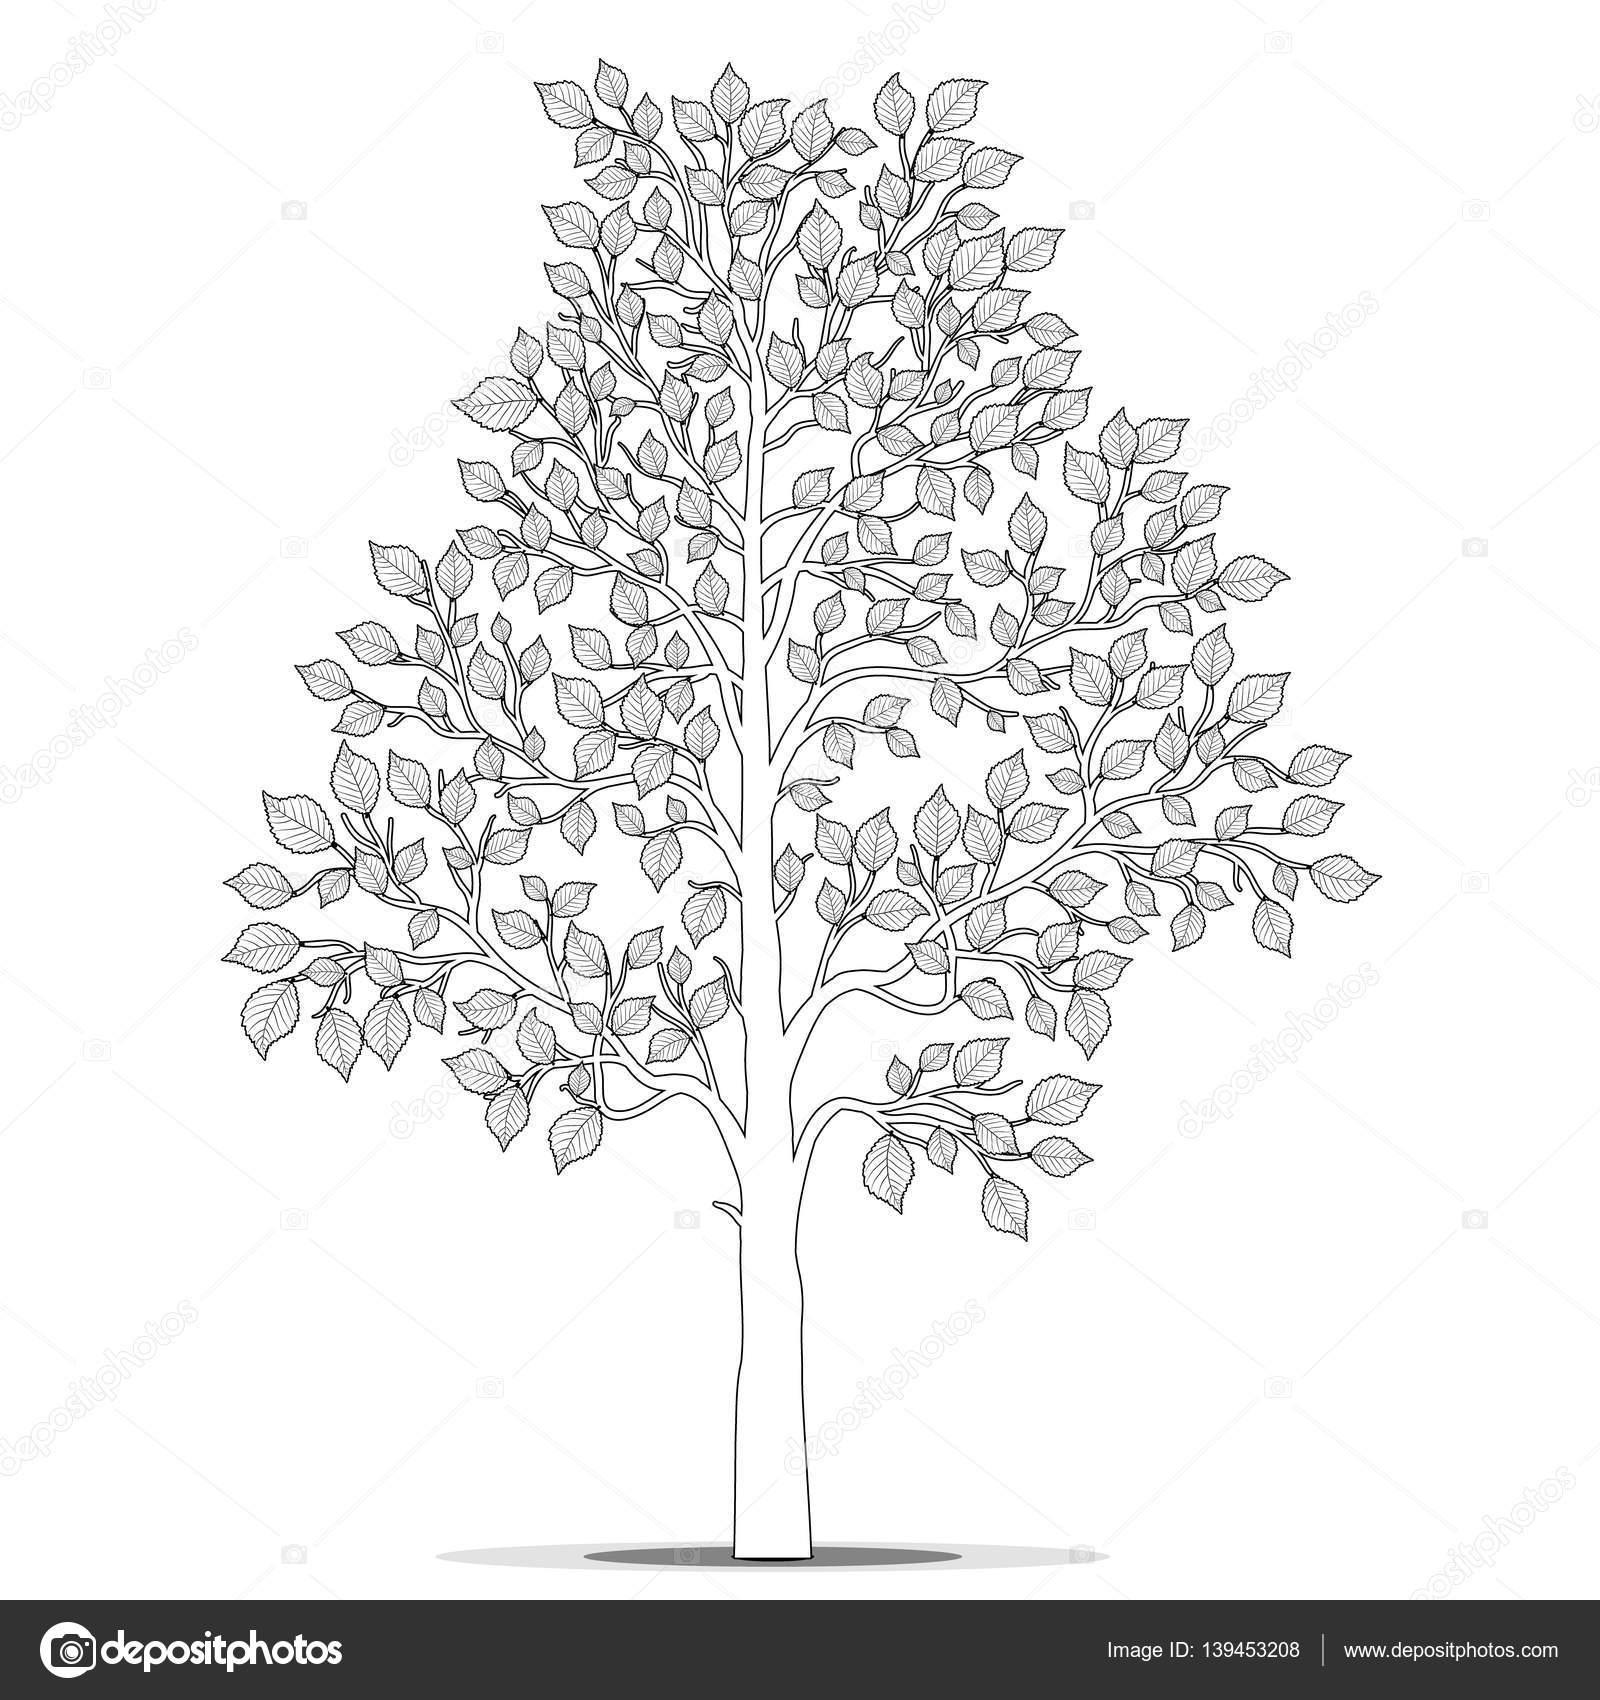 Kitap Sayfa Vektör Boyama Için Yaprakları Ile Ağaç Stok Vektör